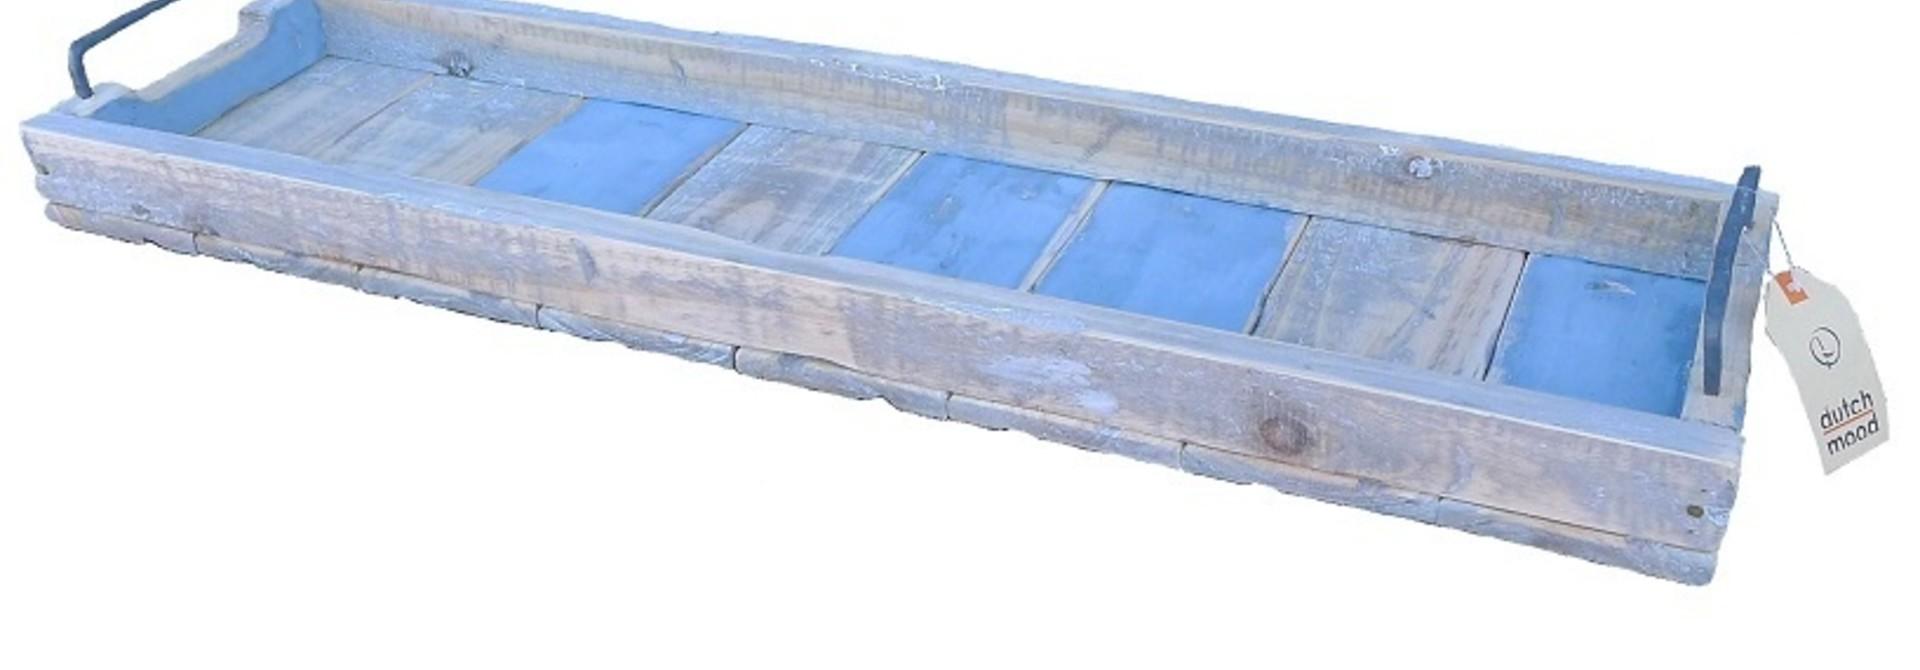 tray old dutch marianne 98/20 blue